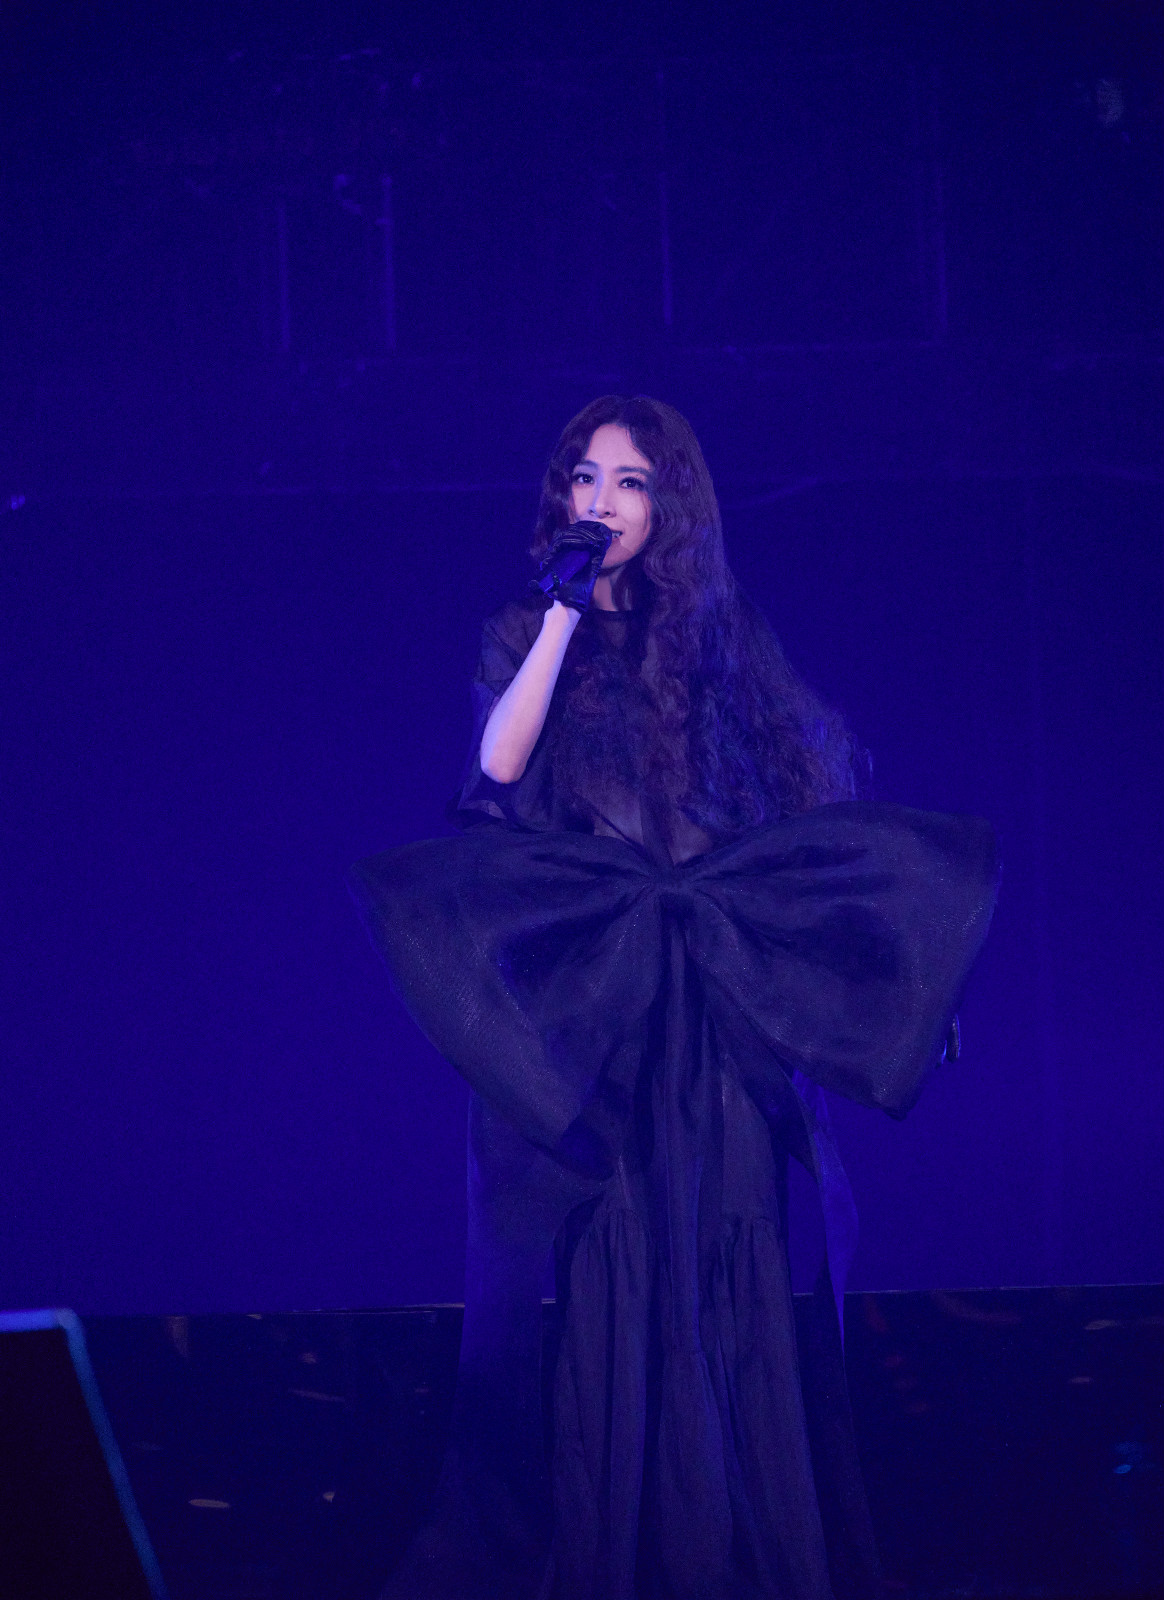 谢谢你们听我唱歌!田馥甄一一巡回演唱会感性告白回应粉丝